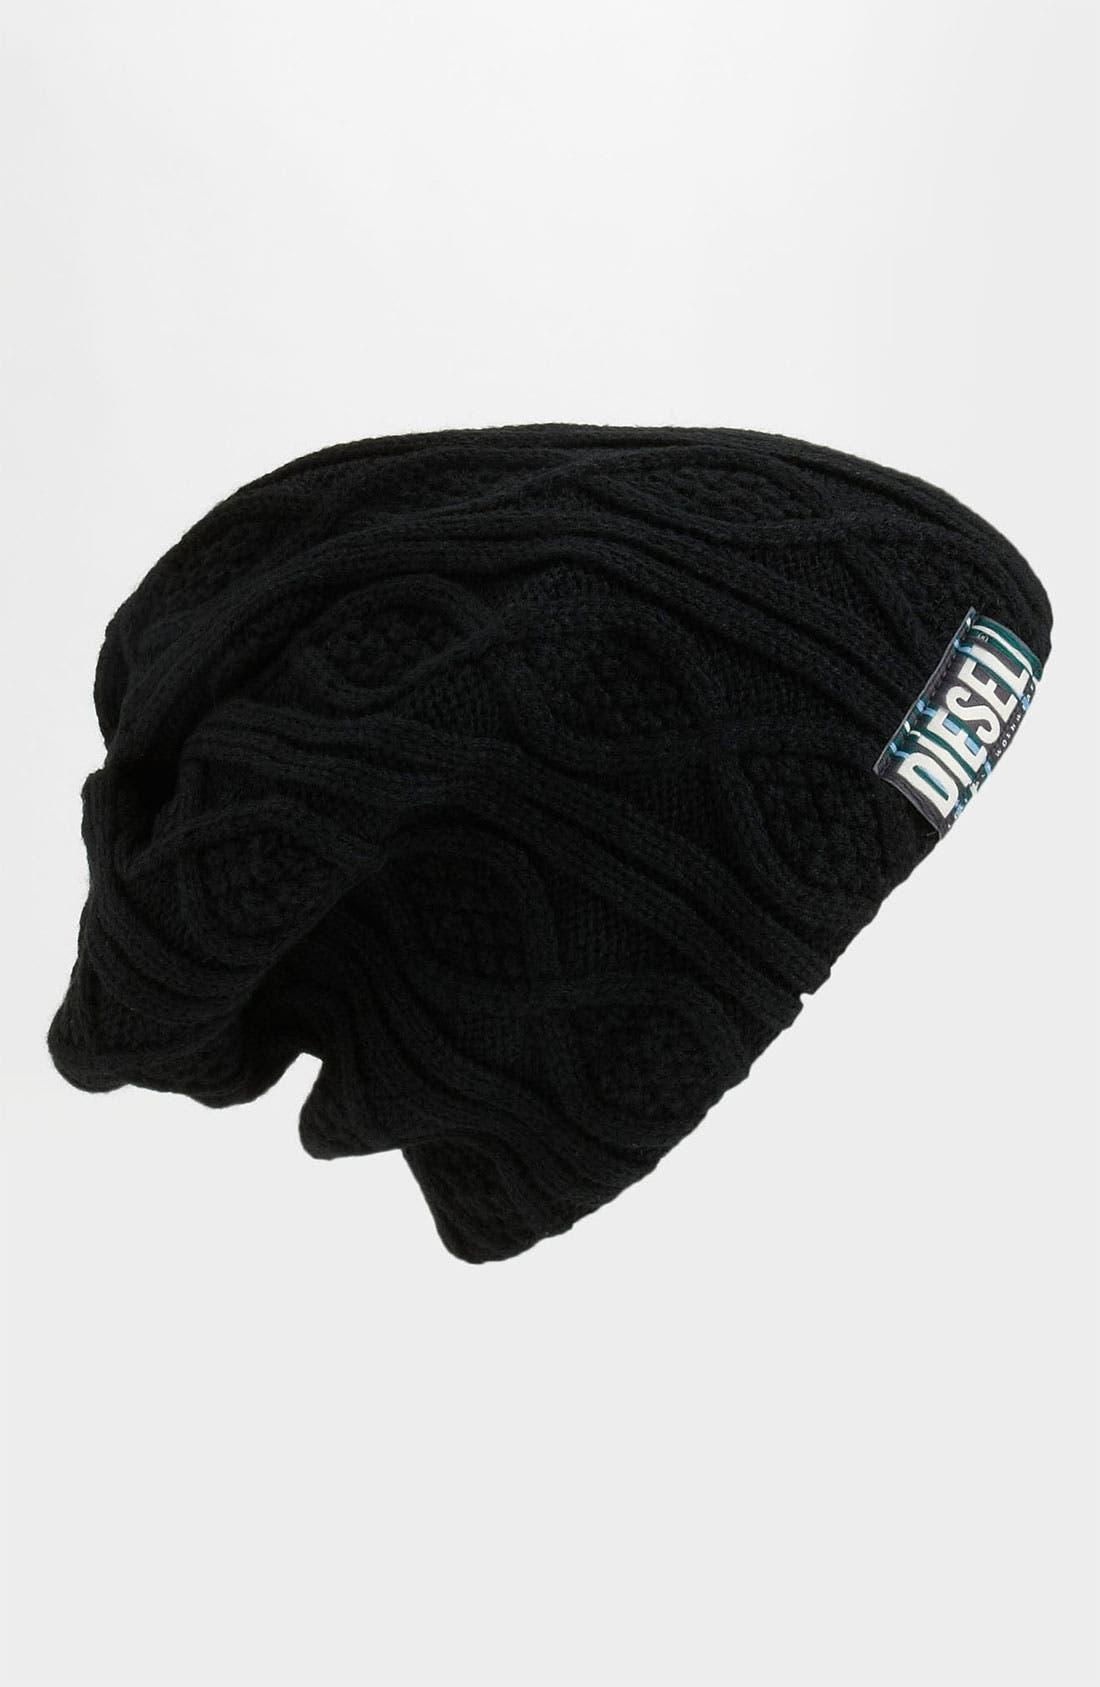 Main Image - DIESEL® 'Krissyet' Cable Knit Cap